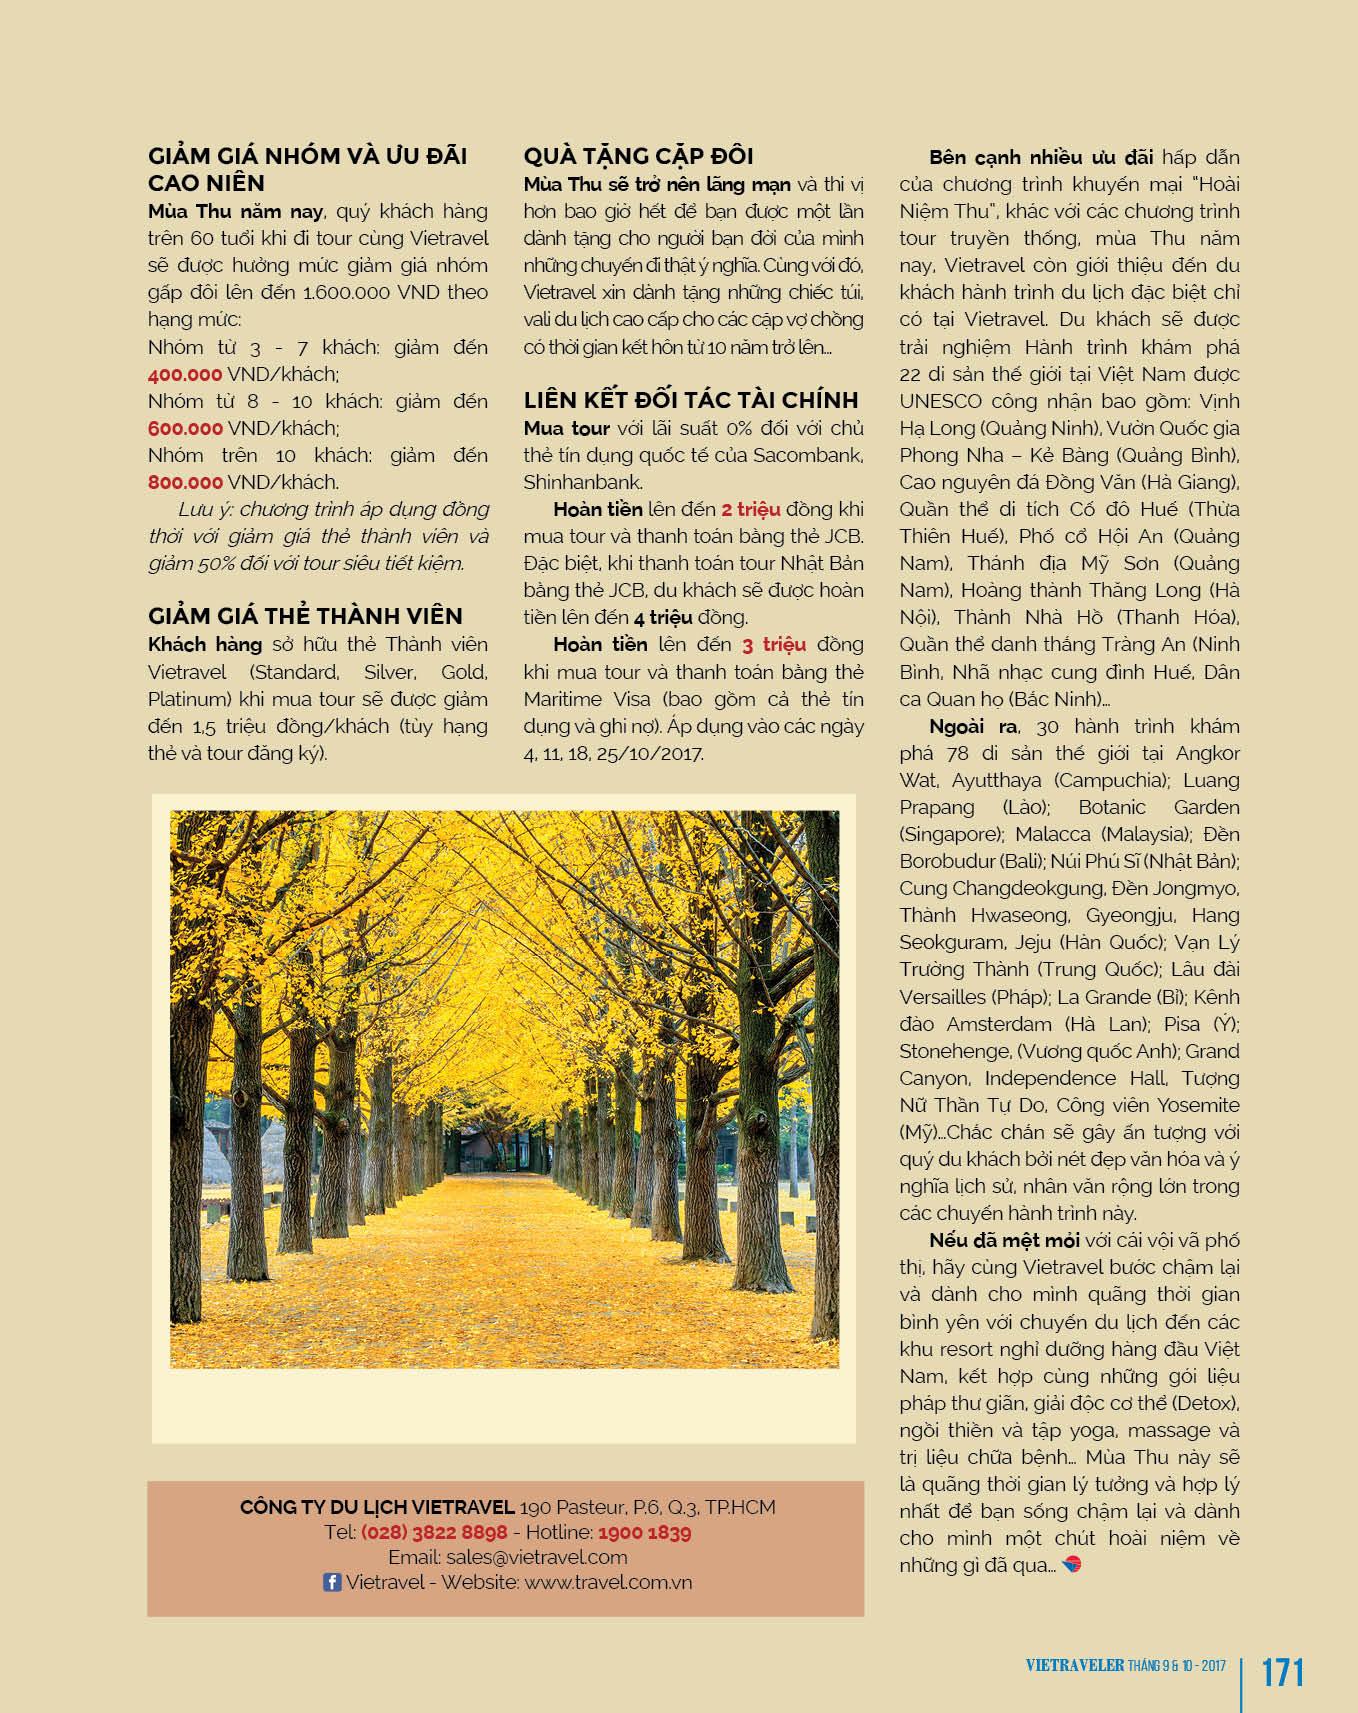 Trang 172